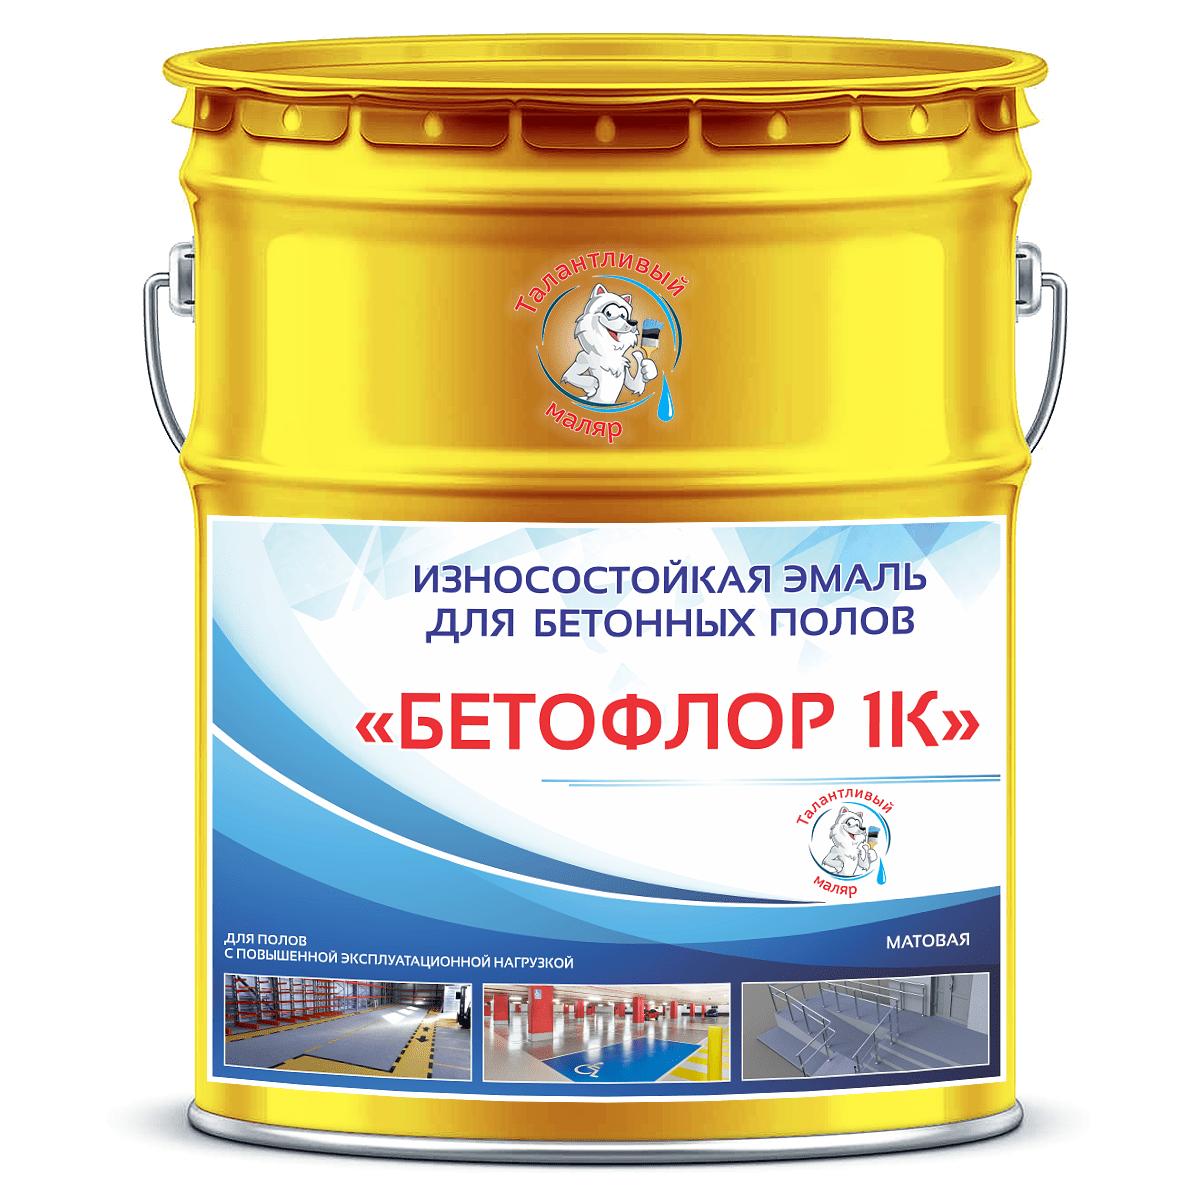 """Фото 5 - BF1037 Эмаль для бетонных полов """"Бетофлор"""" 1К цвет RAL 1037 Солнечно-жёлтый, матовая износостойкая, 25 кг """"Талантливый Маляр""""."""